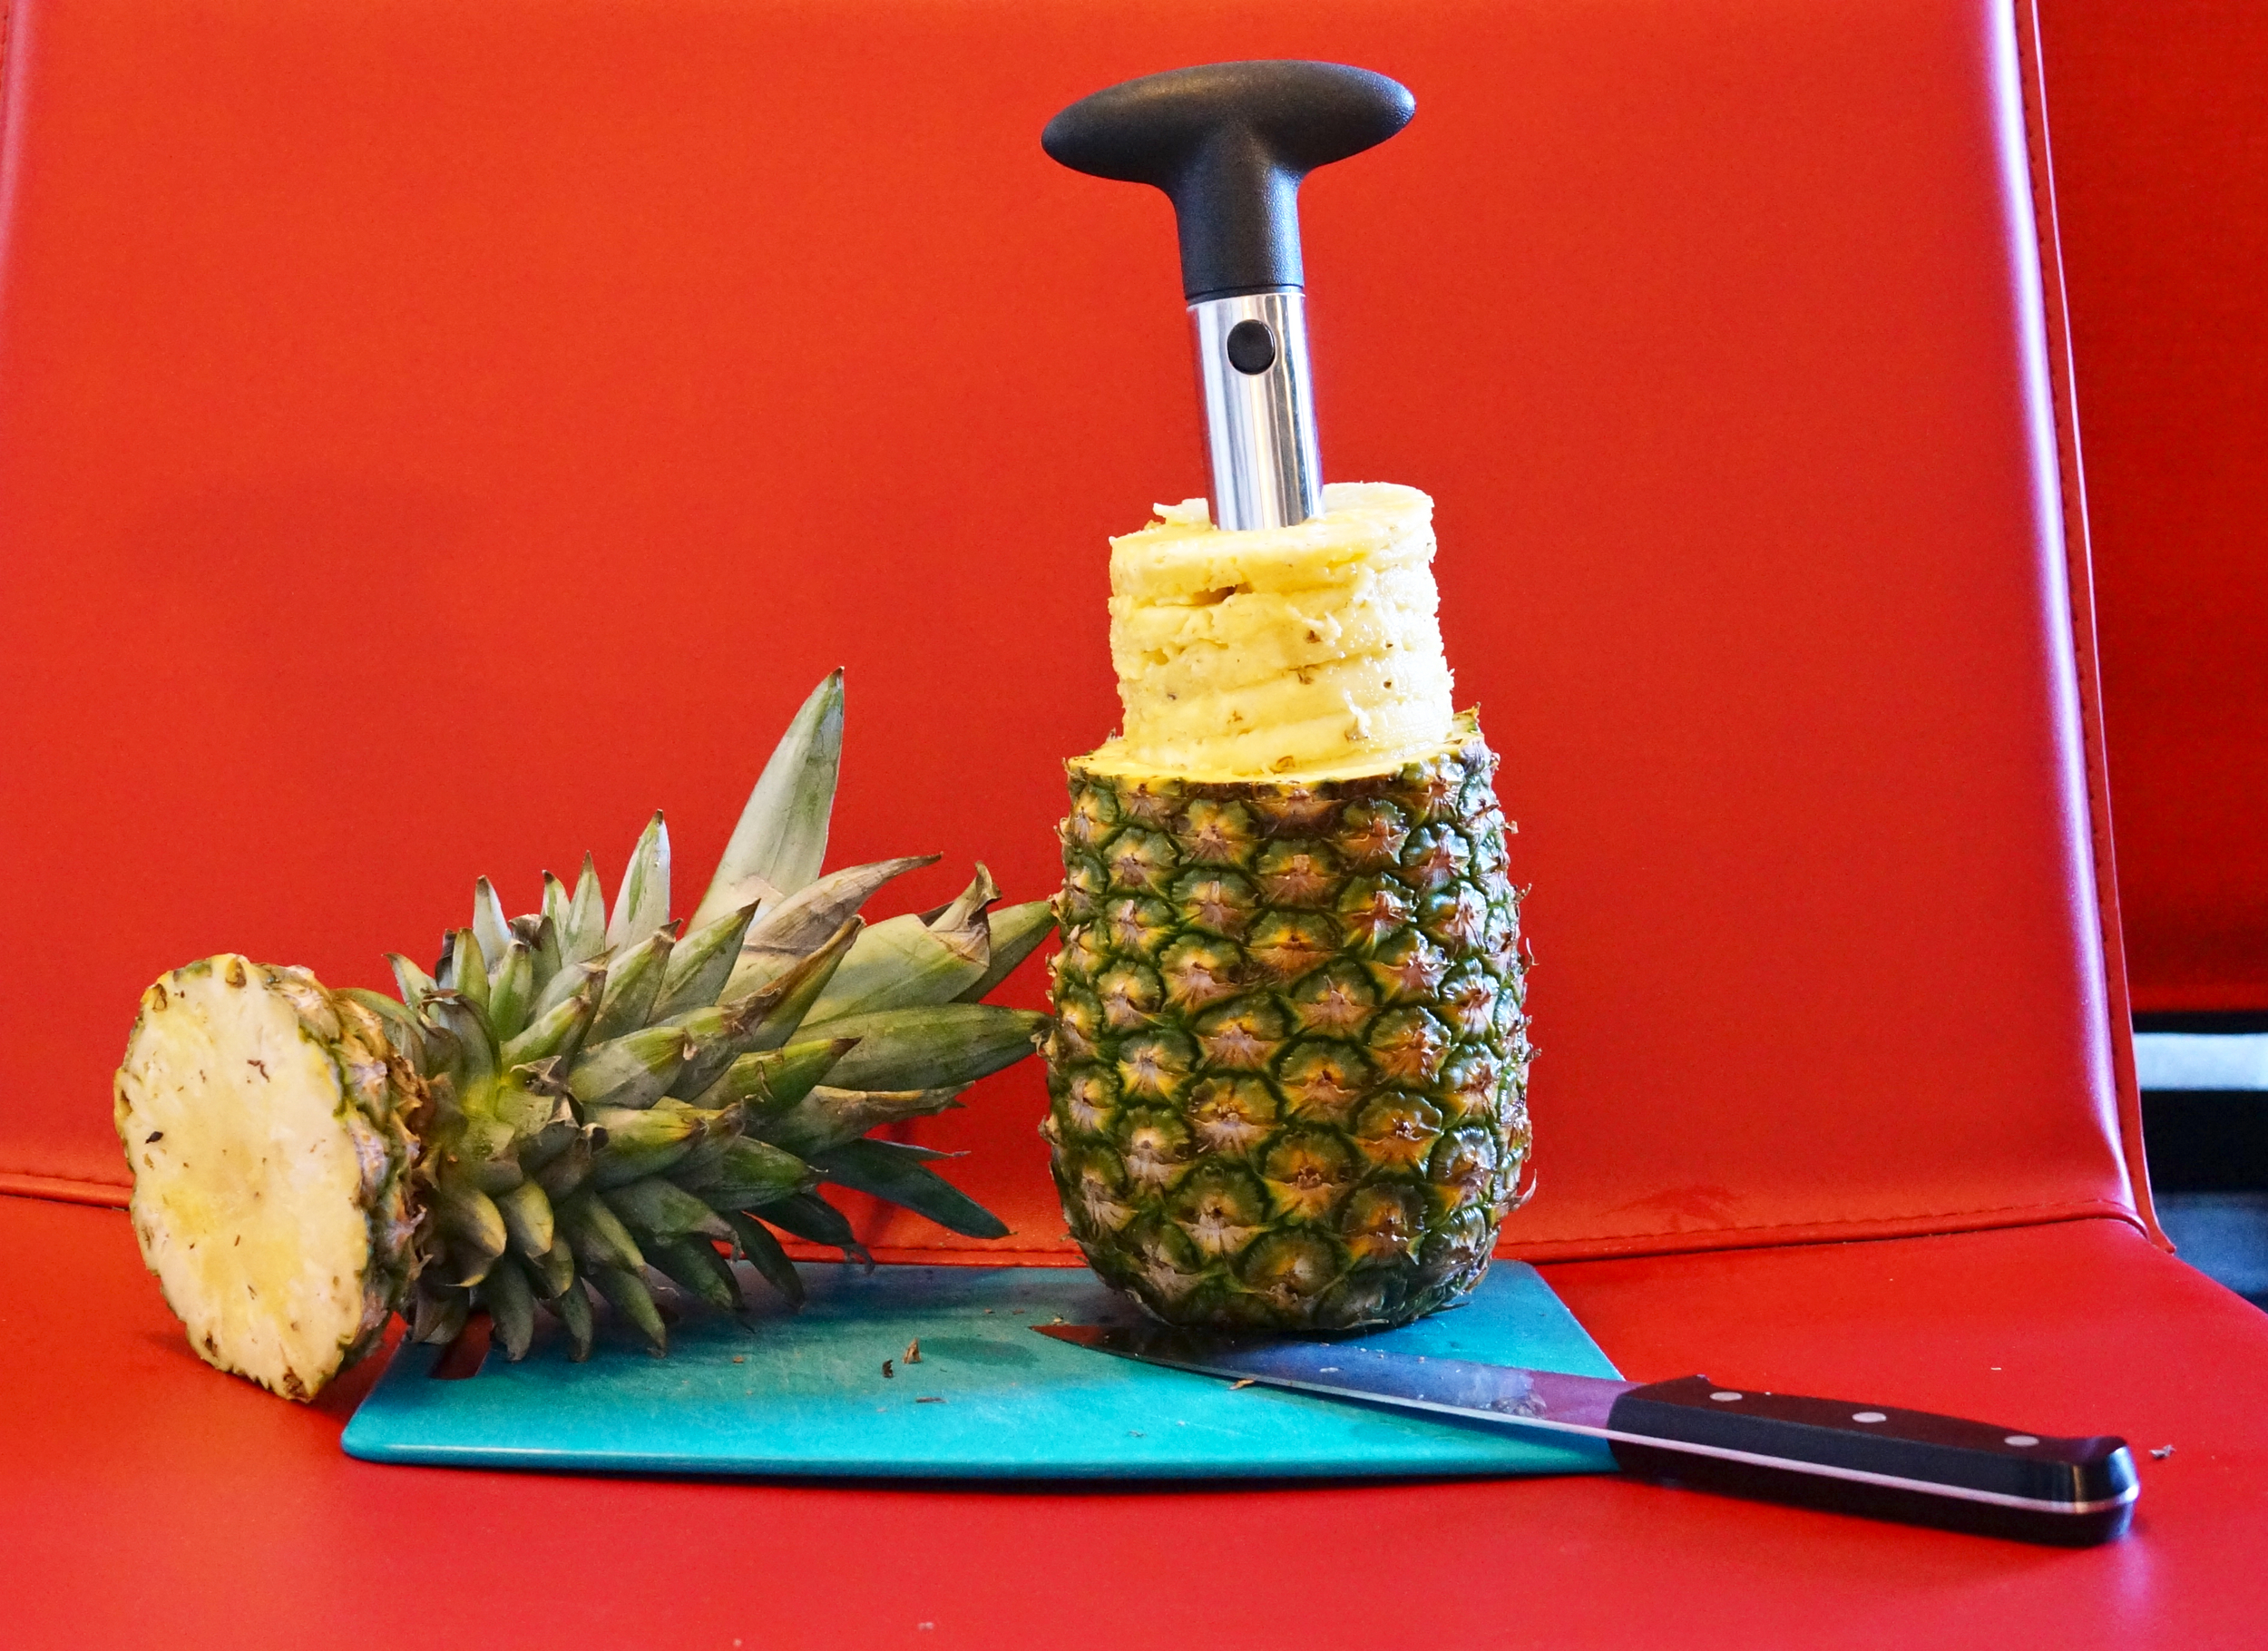 pineapple-insides.jpg